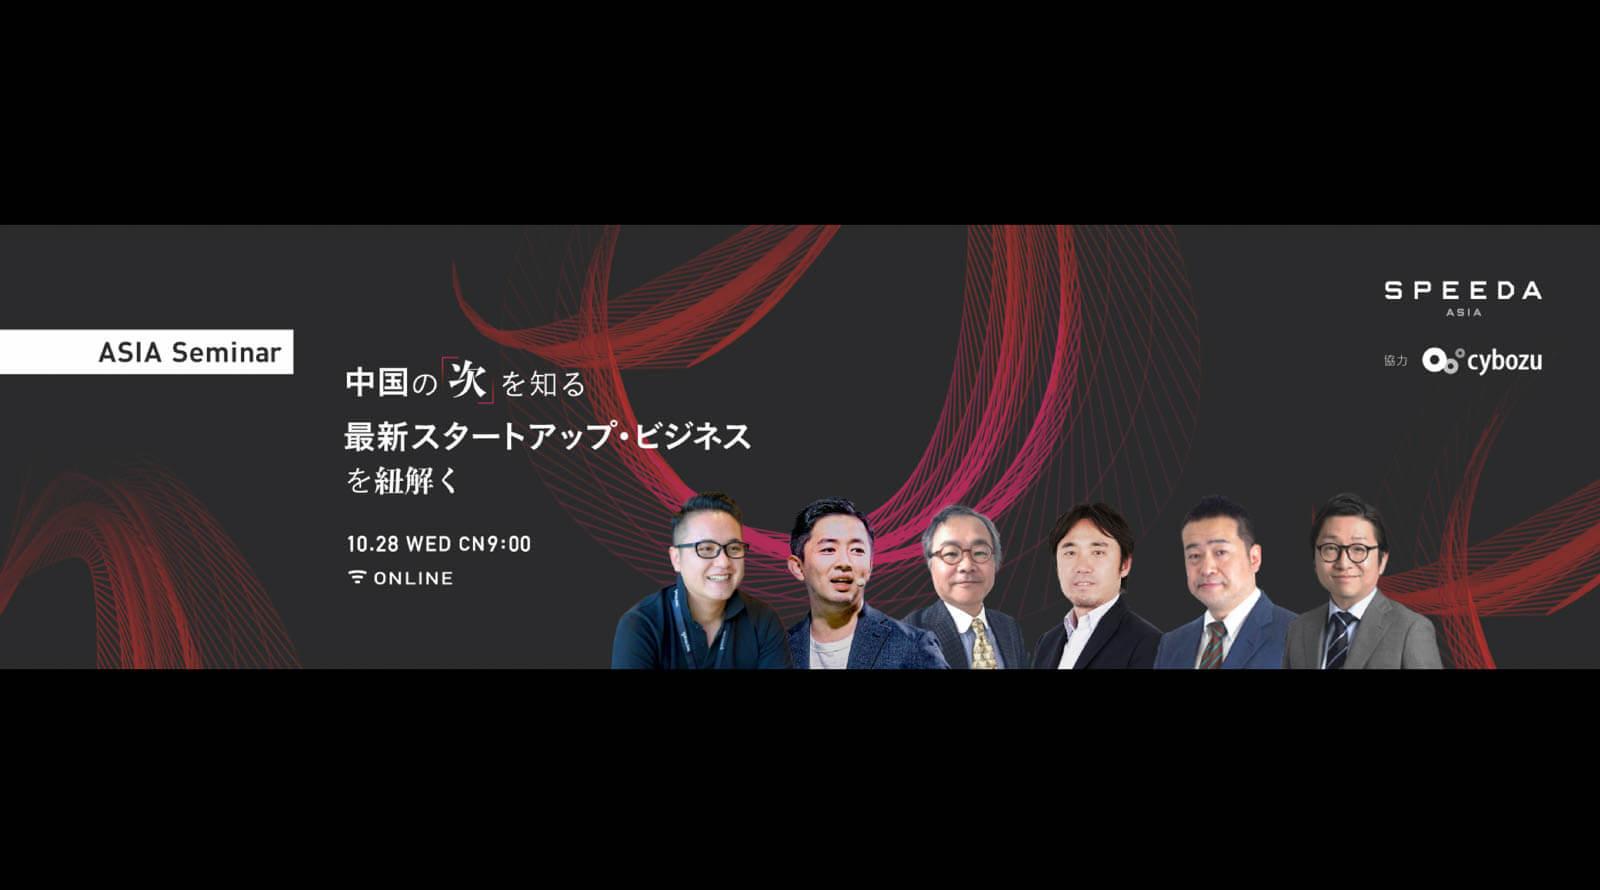 Cybozu x SPEEDA「中国の「次」を知る -最新スタートアップ・ビジネスを紐解く-」オンラインセッション開催!(10/28)